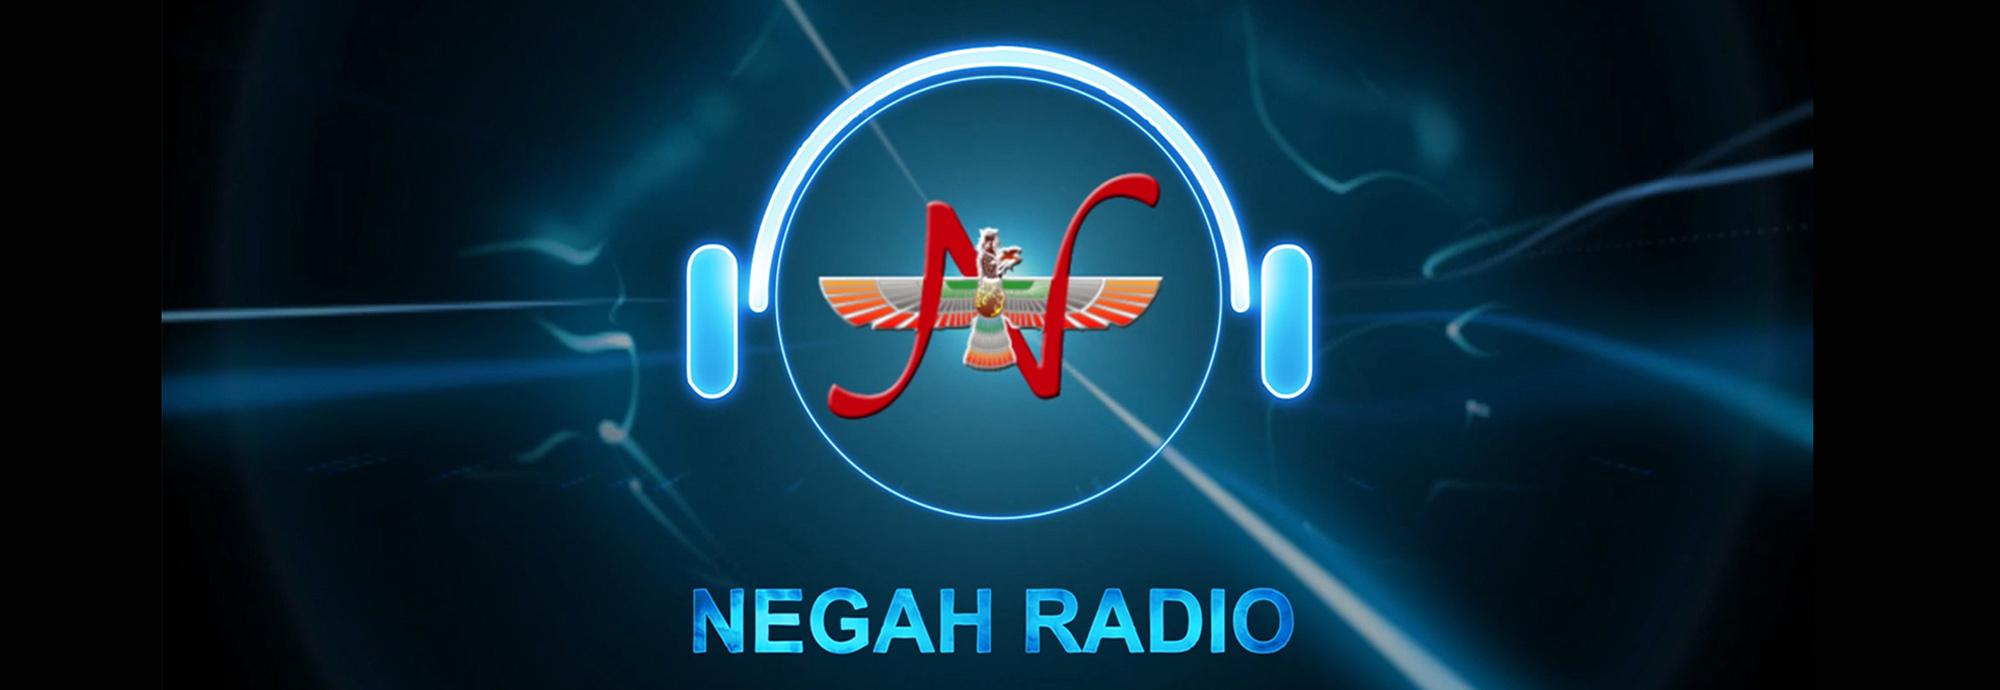 8-NEGAH RADIO 2000x690